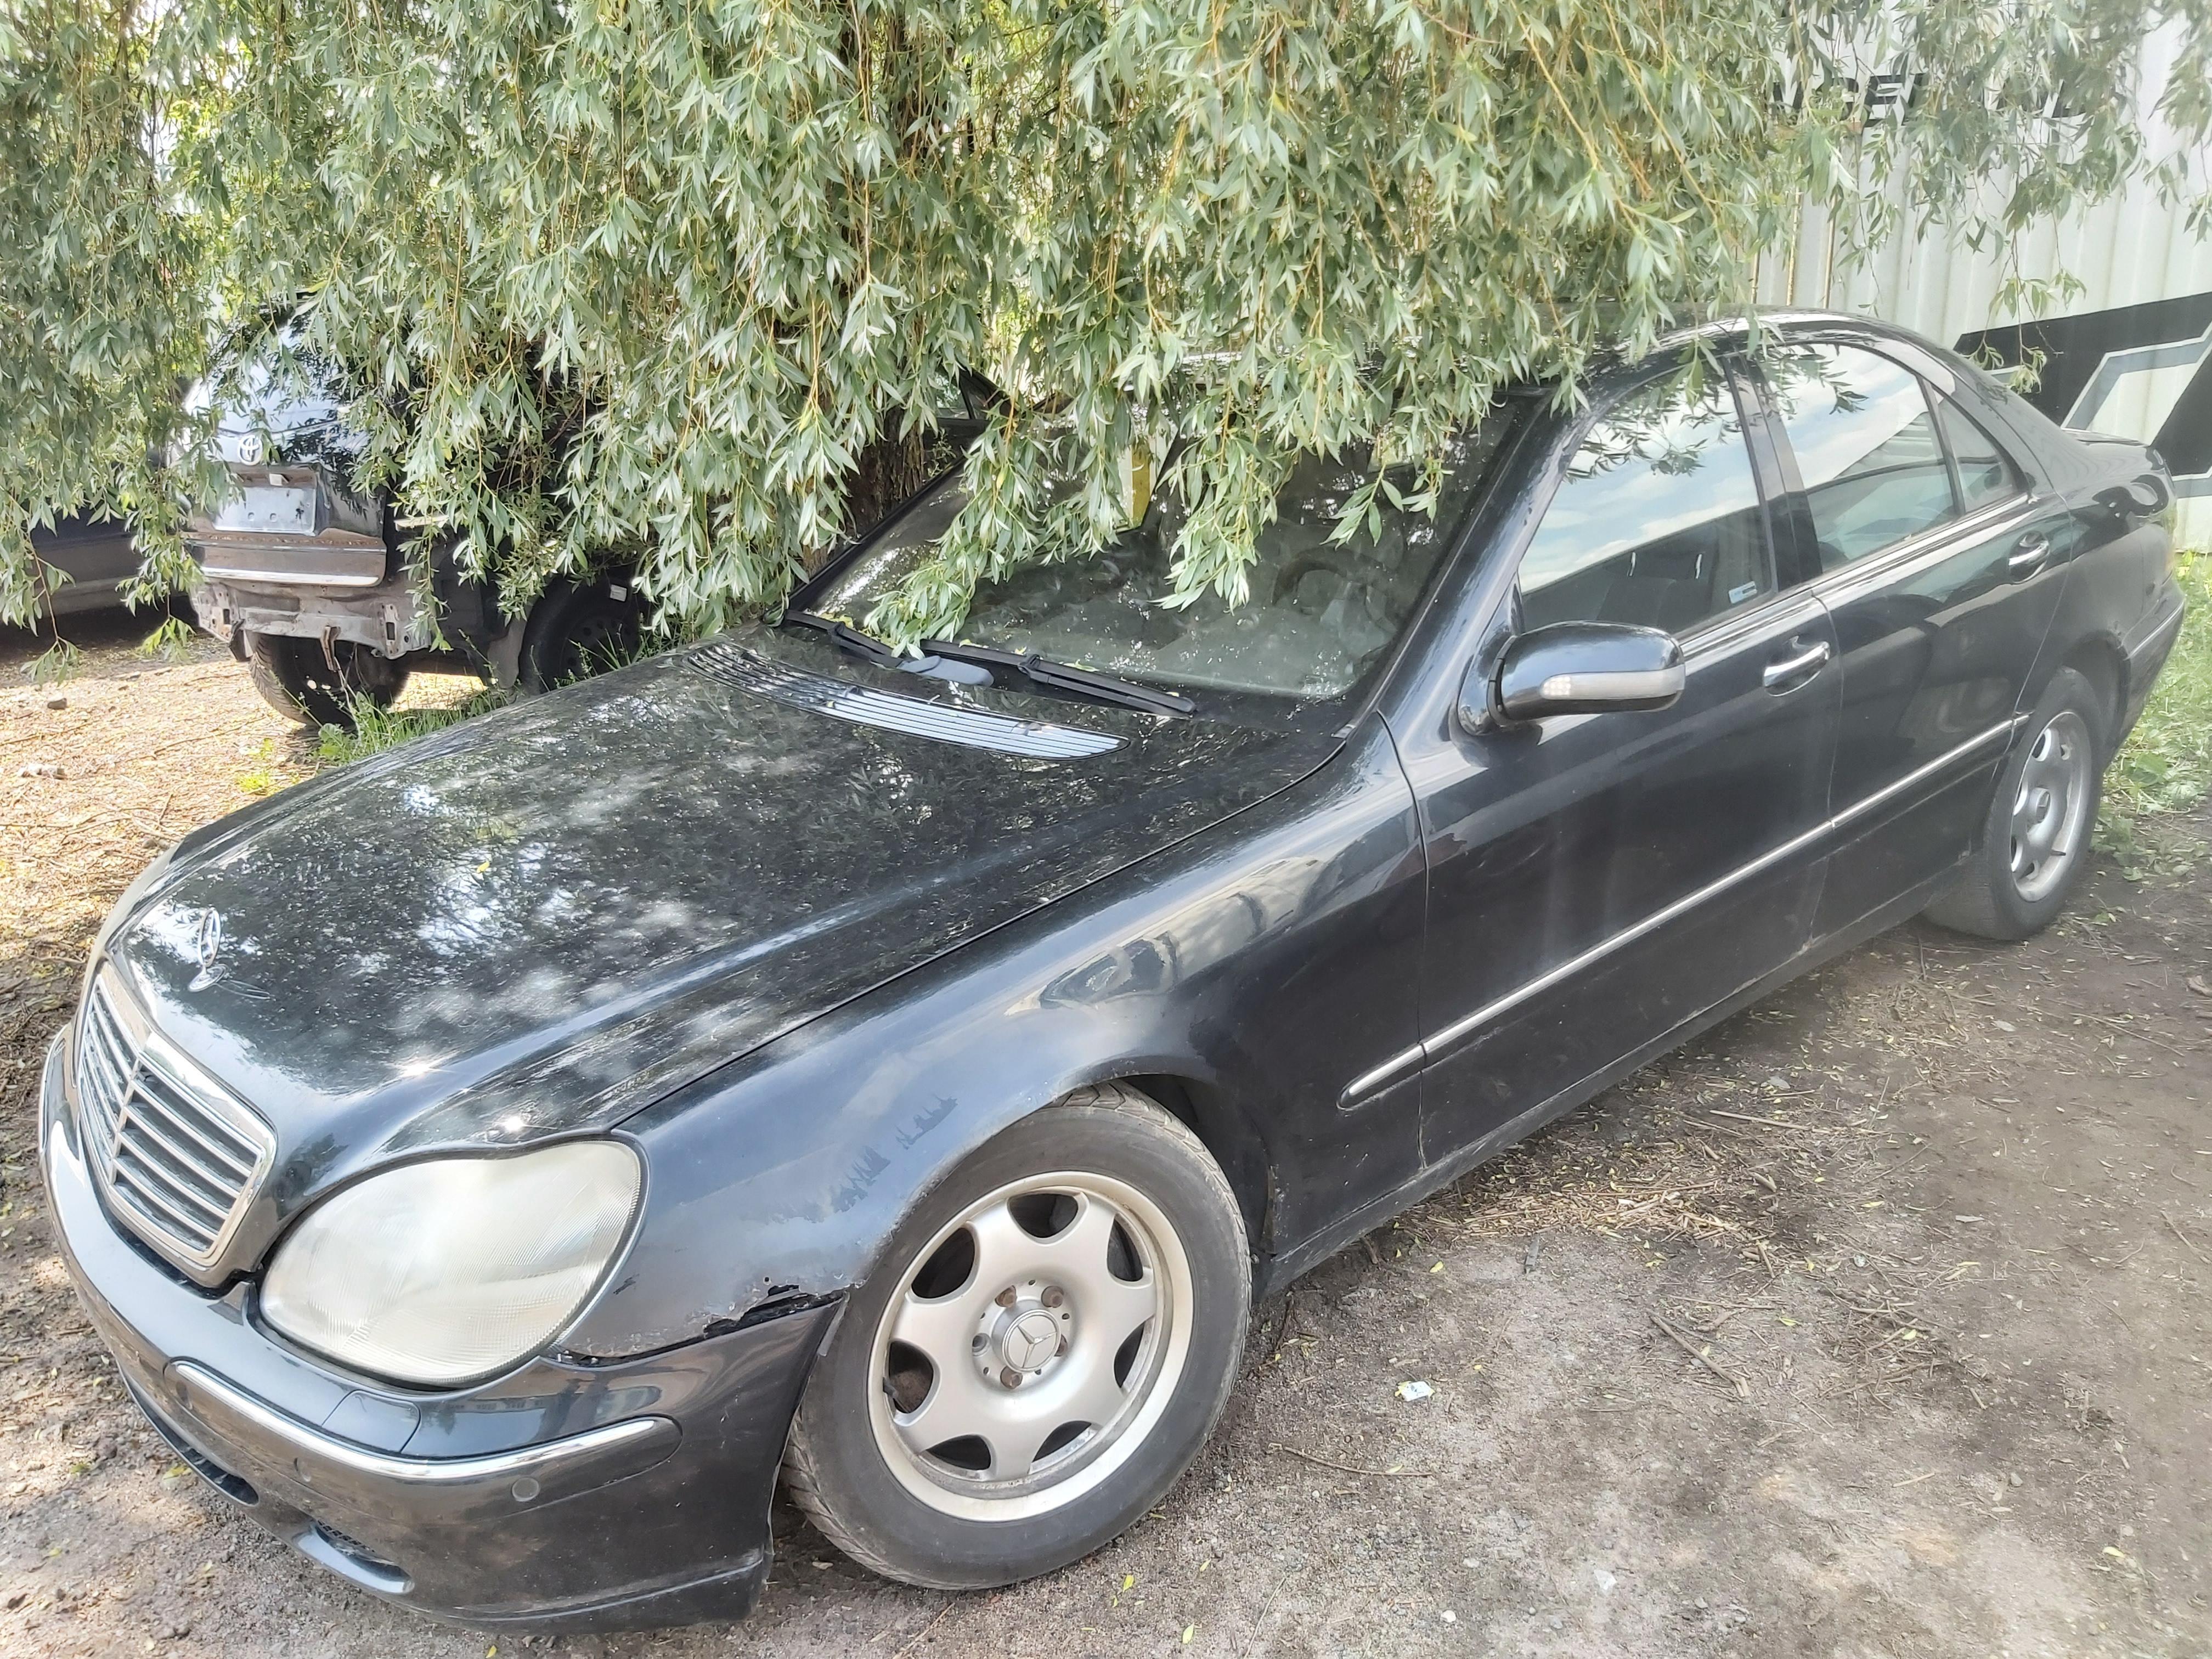 Подержанные Автозапчасти Mercedes-Benz S-CLASS 2001 4.0 автоматическая седан 4/5 d. синий 2020-6-11